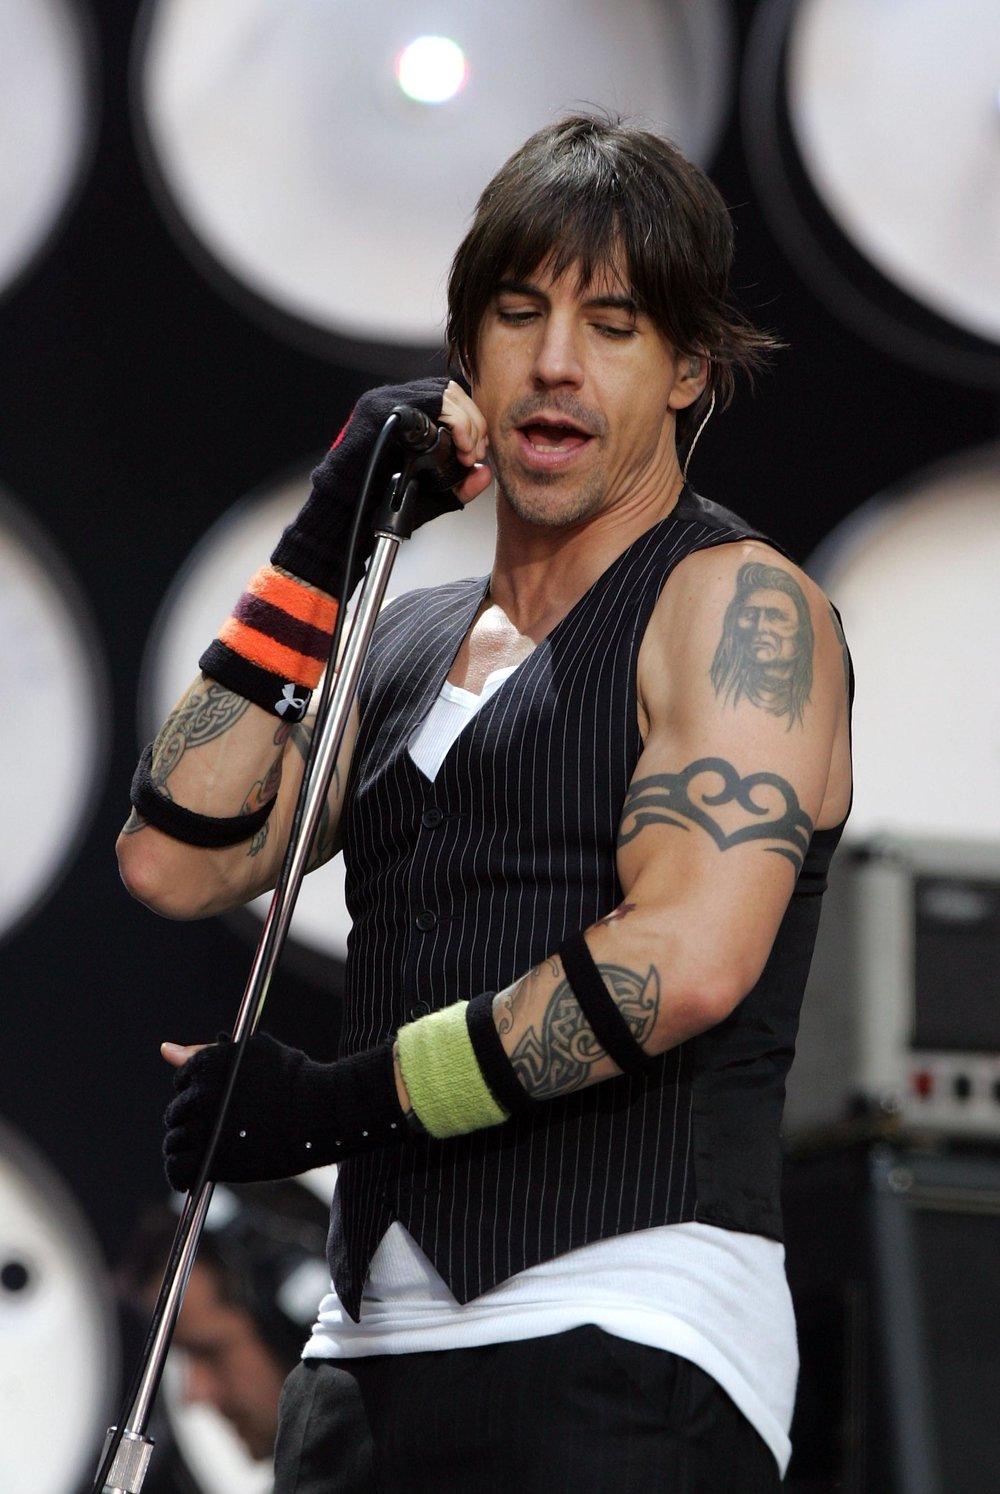 Tatuagens O rock rende muita tatuagem. Letra de música, capa de álbum, logo de banda, instrumento musical e tantas outras. E muitos rockstars de peso (como o Anthony Kiedis ali) adotaram a arte e têm tattoos que são como marcas registradas.